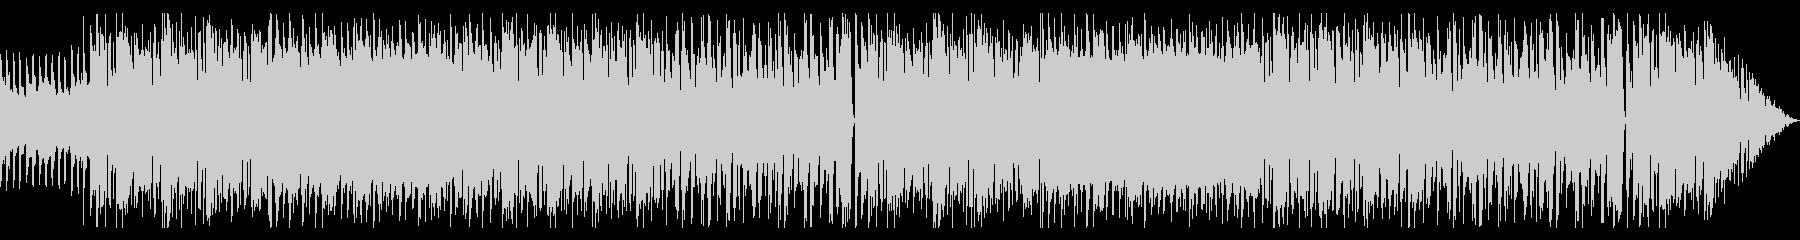 リフが特徴的な変拍子メタルの未再生の波形